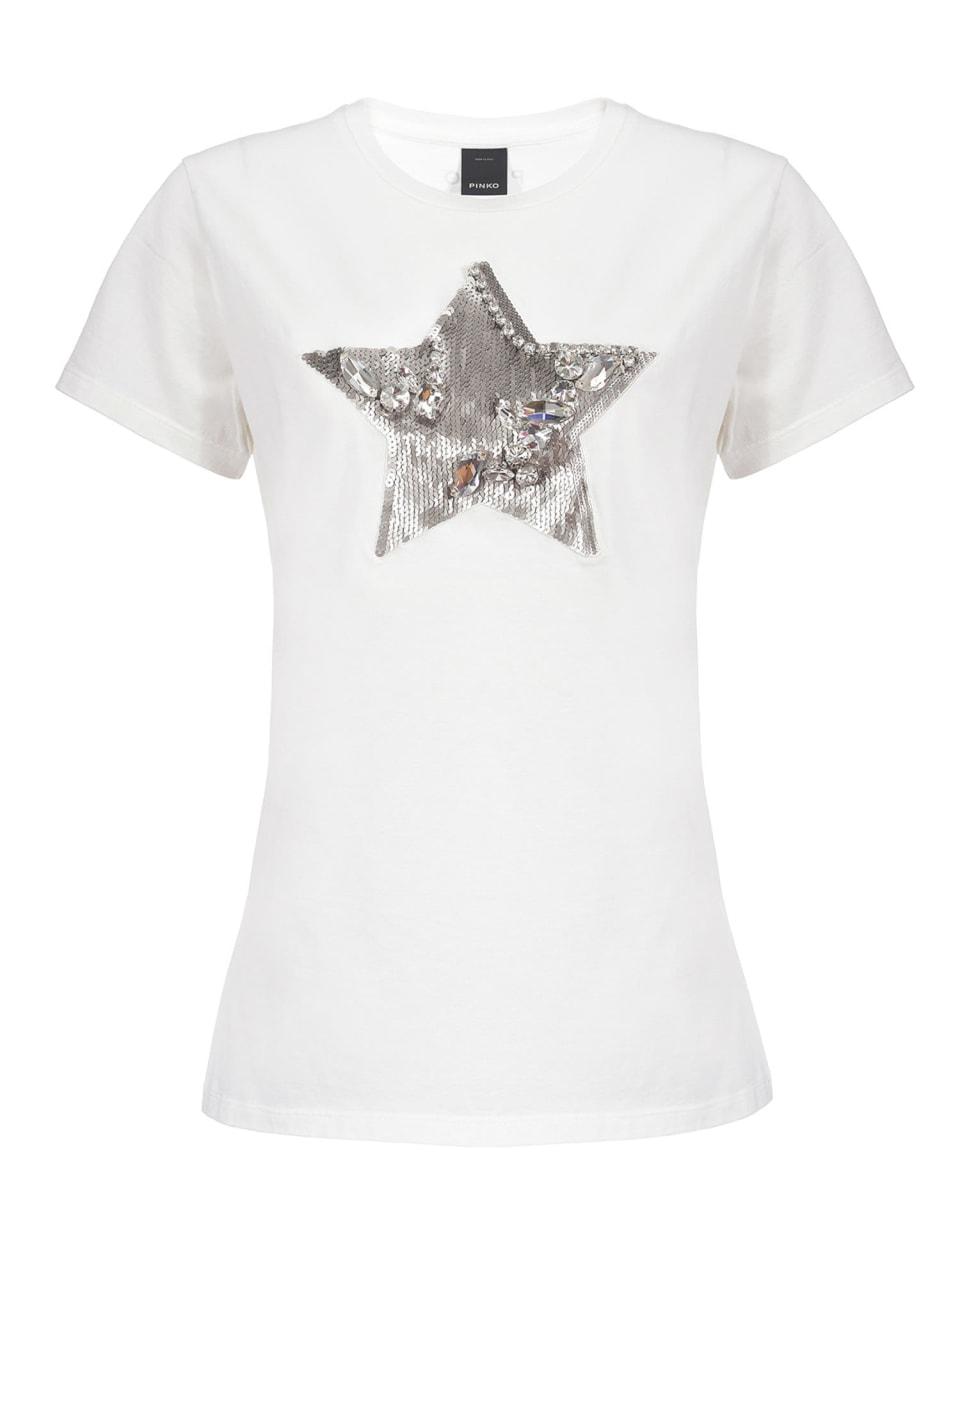 スパンコールとラインストーンの星付きTシャツ